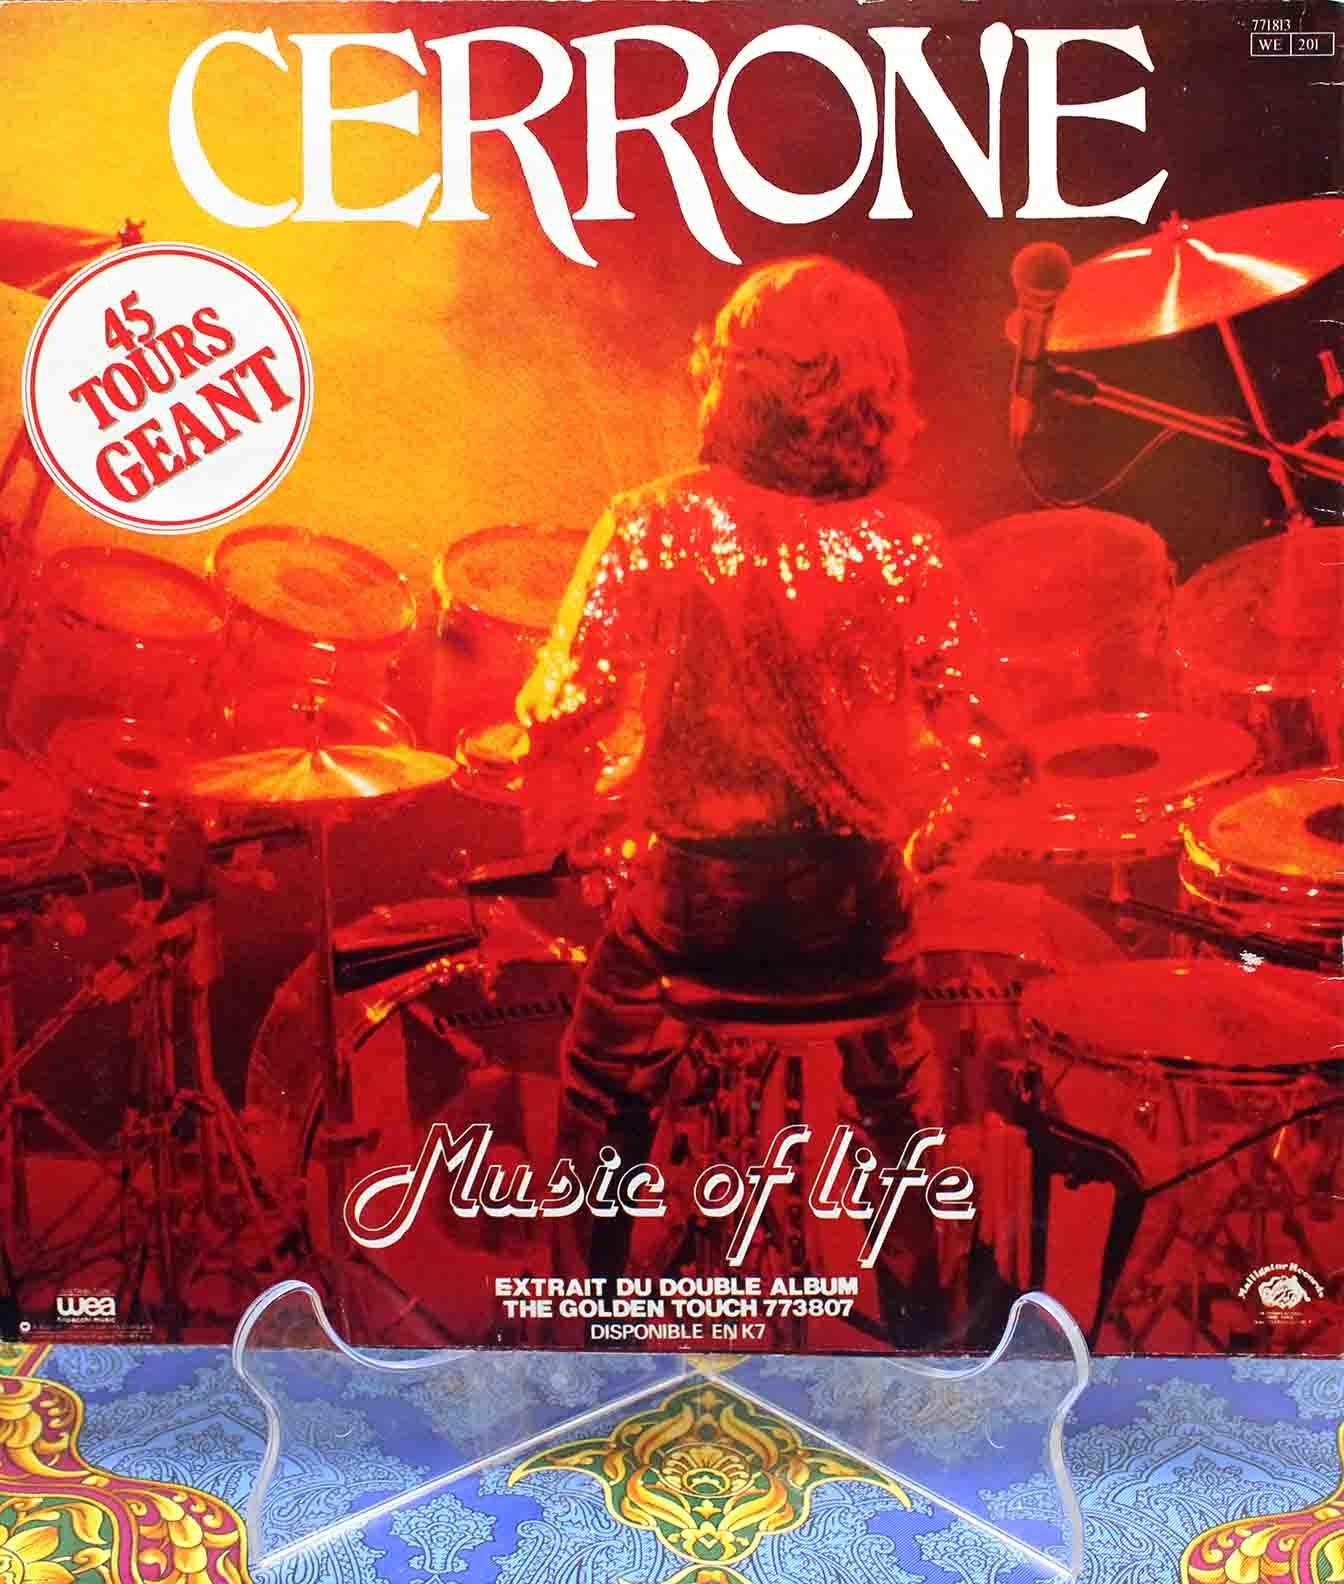 Cerrone Music Of Life 01